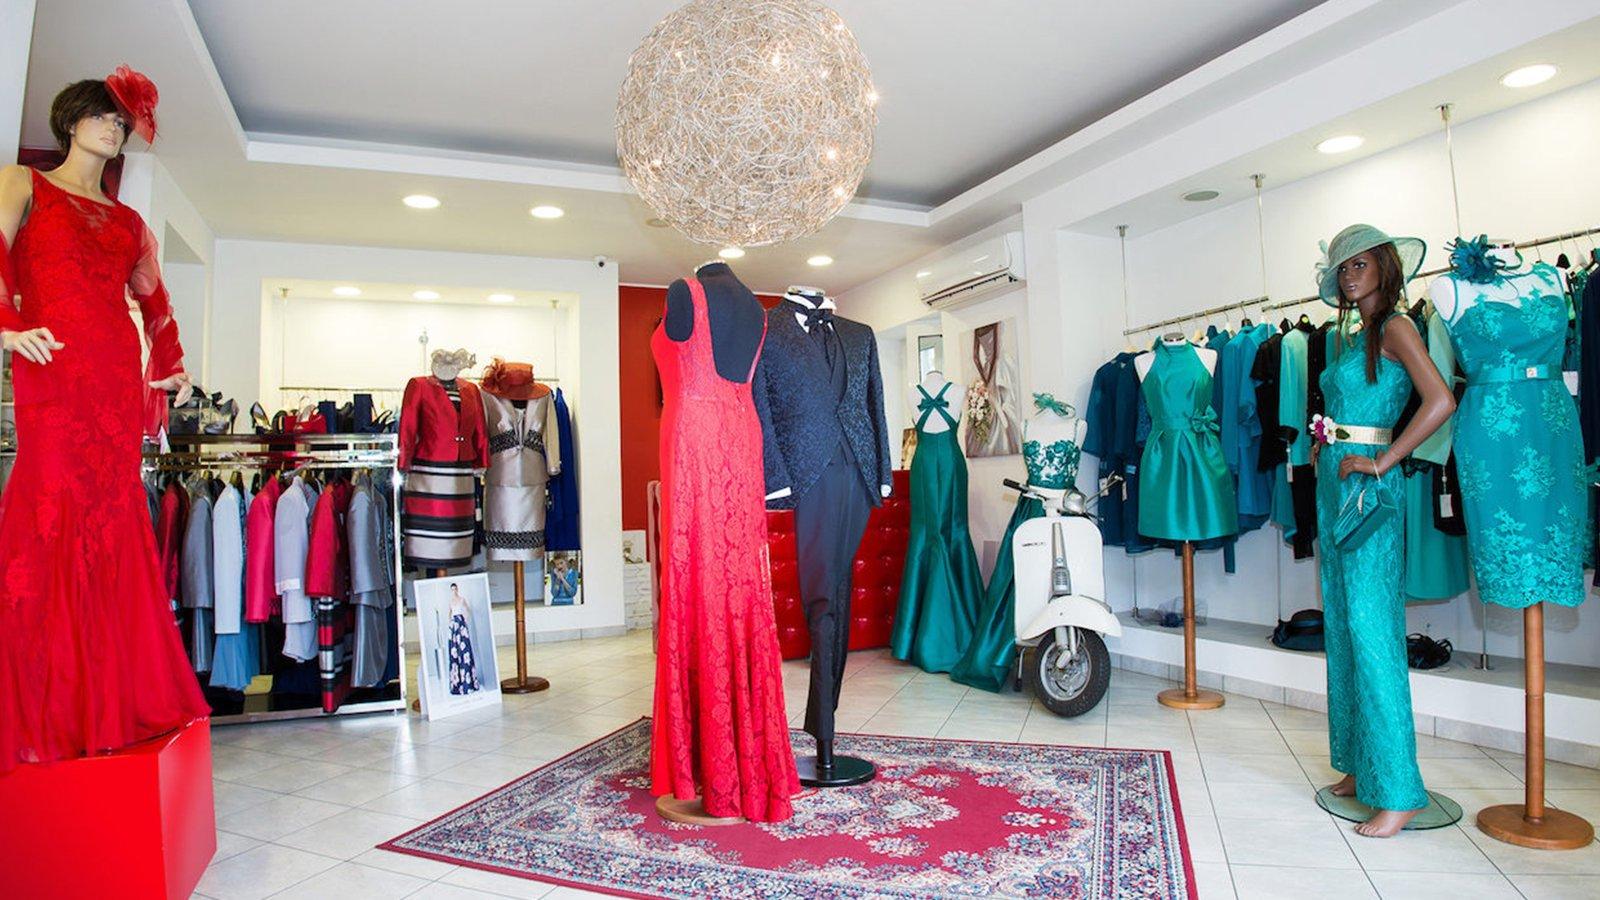 una boutique di abiti per sposi e spose